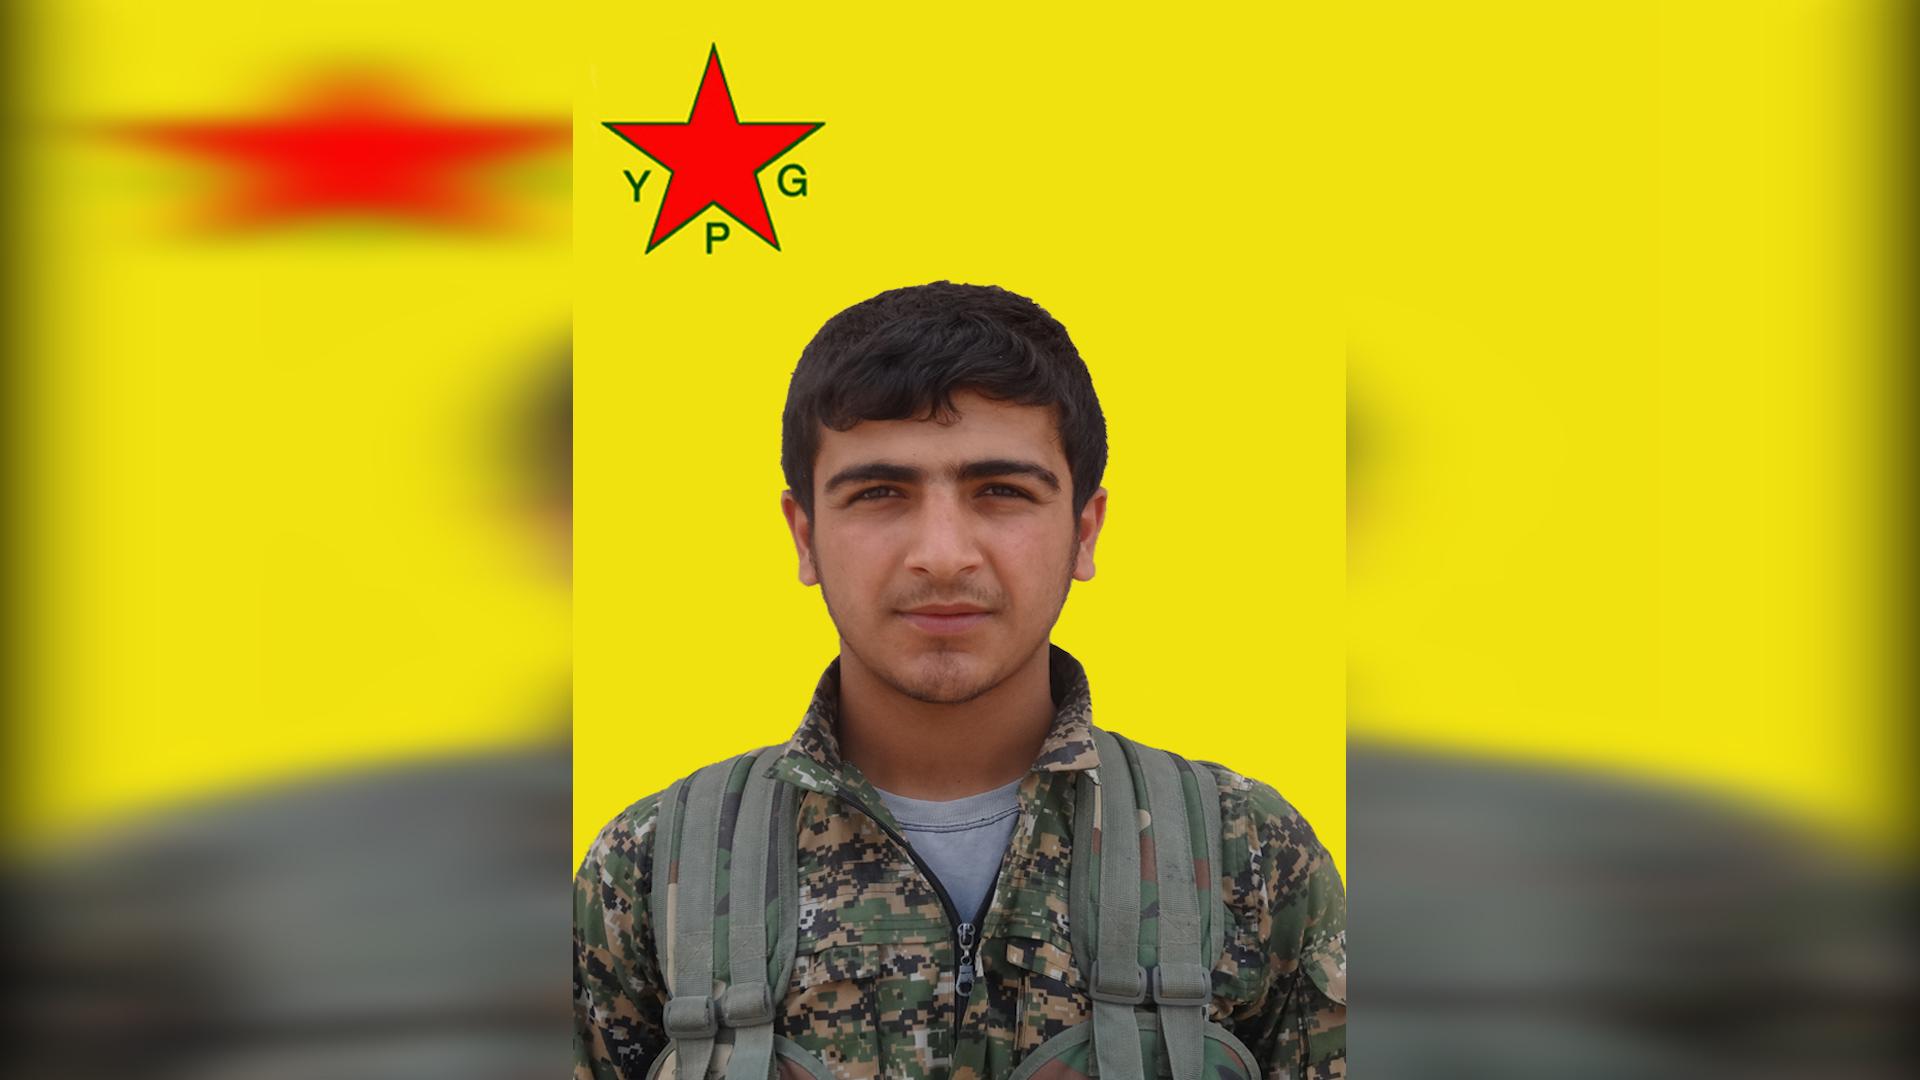 Photo of YPG'Ê NASNAMEYA ŞERVANEKÎ KU LI DÊRA ZORÊ ŞEHÎD BÛ, EŞKERE KIR